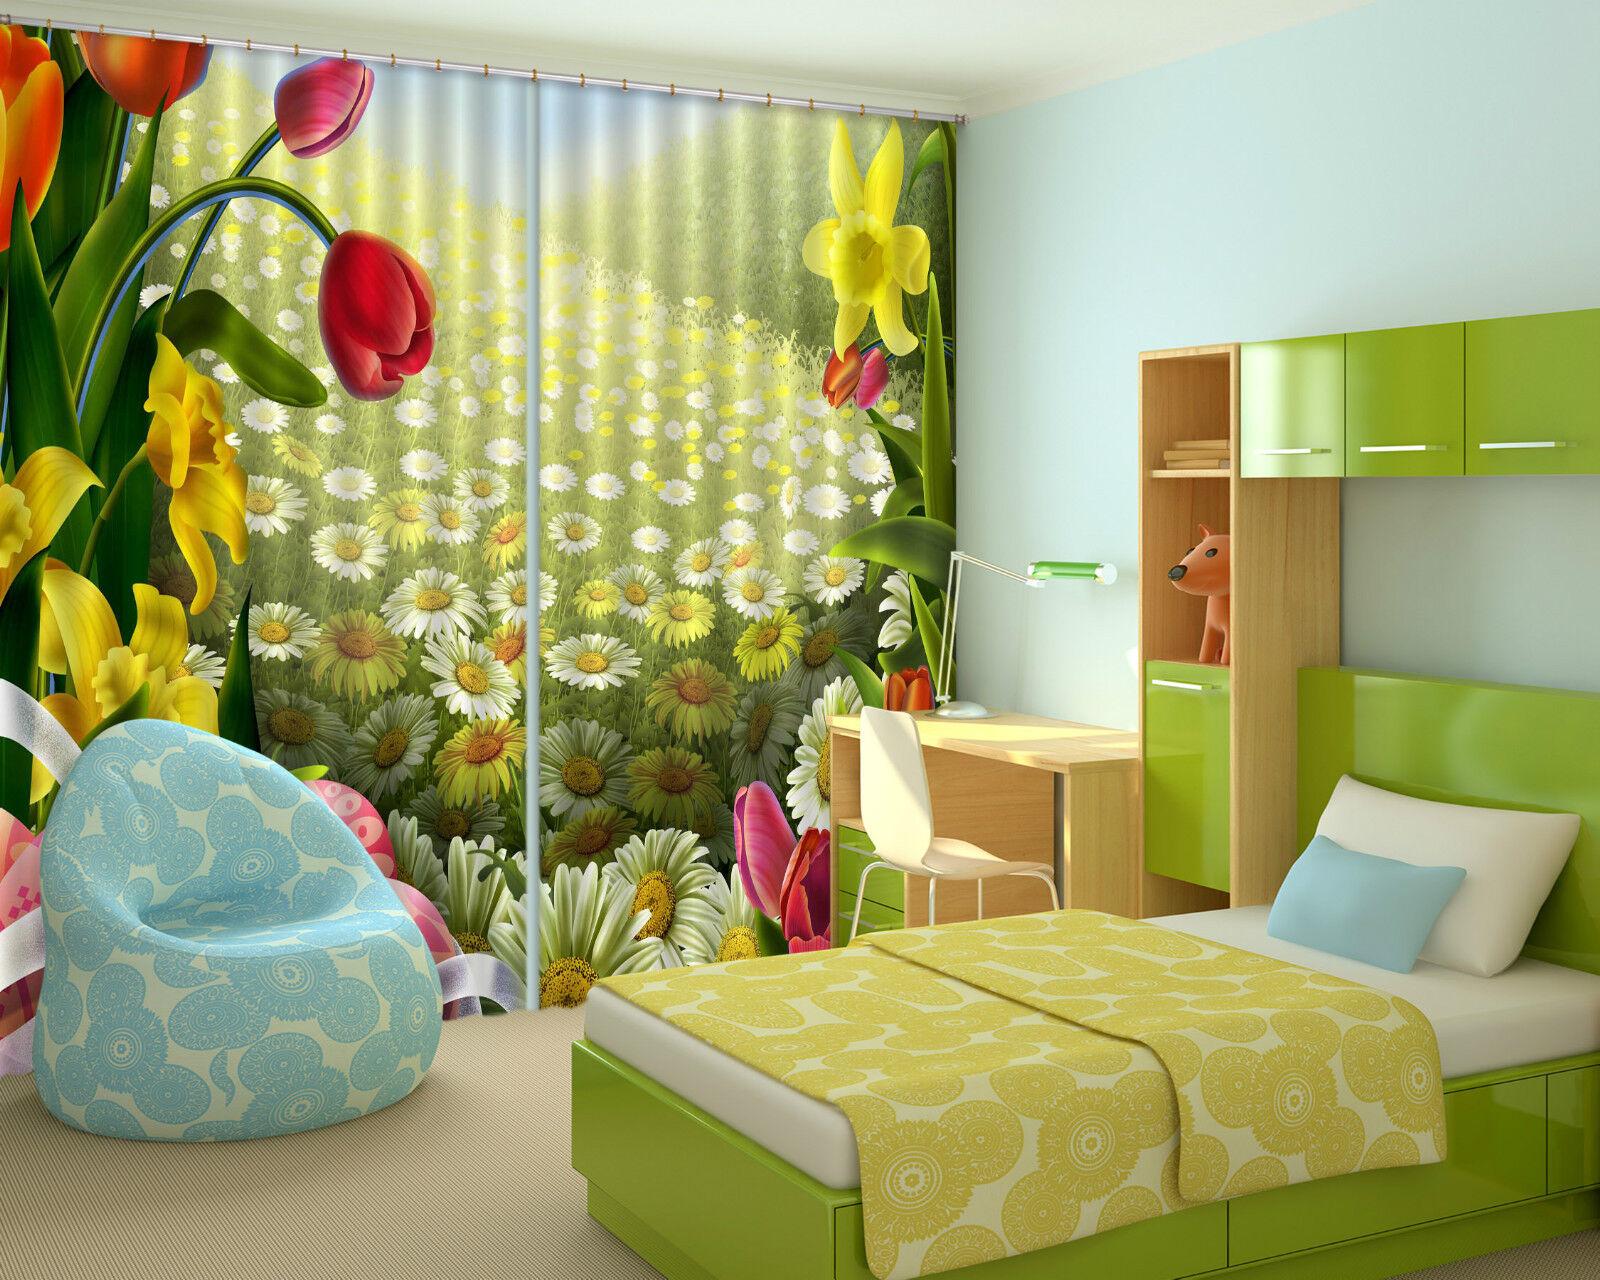 3d fiori arte 739 blocco foto sipario pressione sipario tende tessuto finestra de